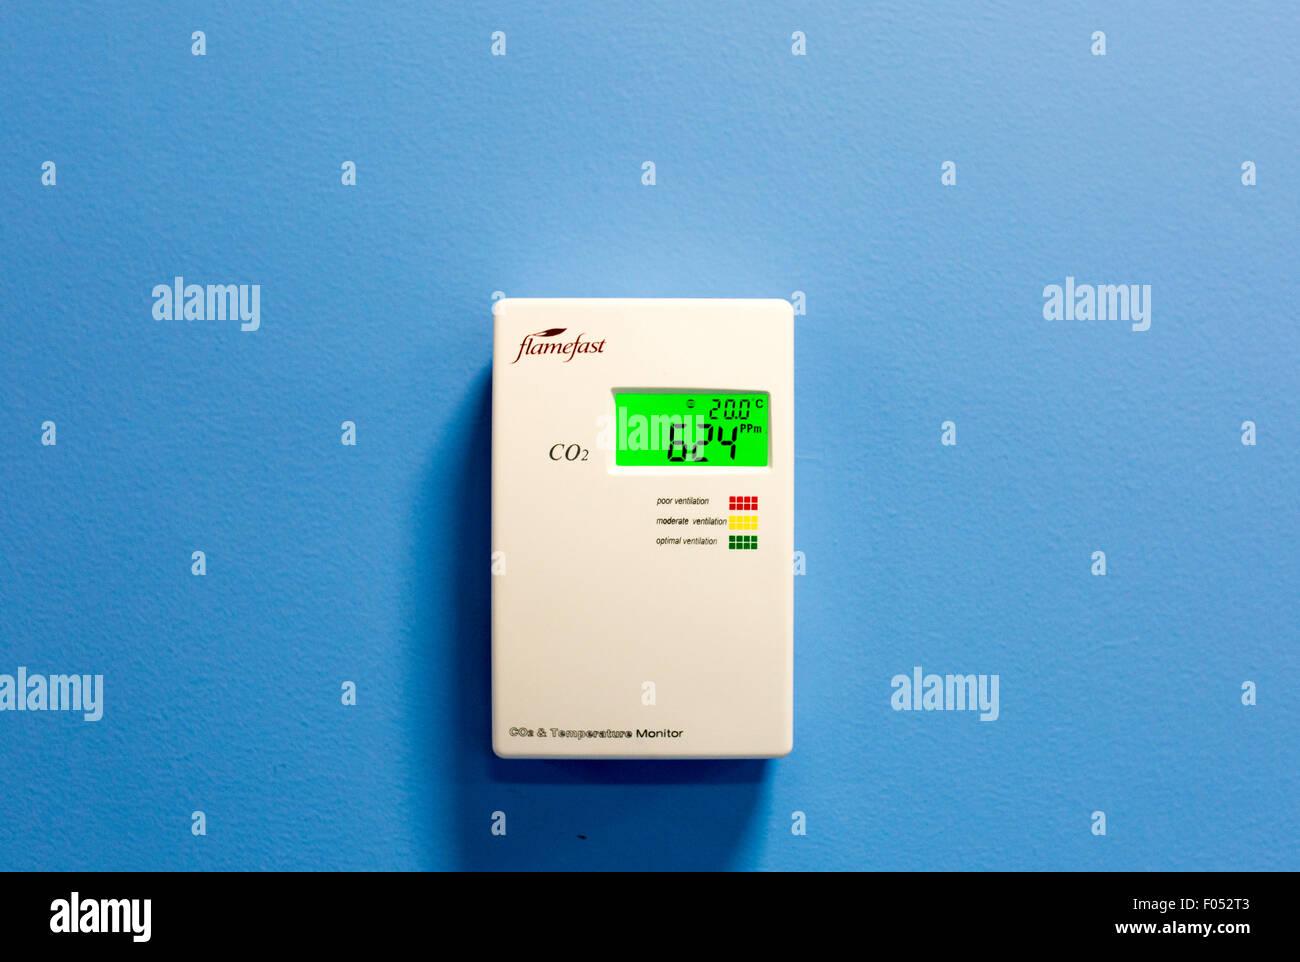 Flamefast moniteur de température sur un mur Photo Stock